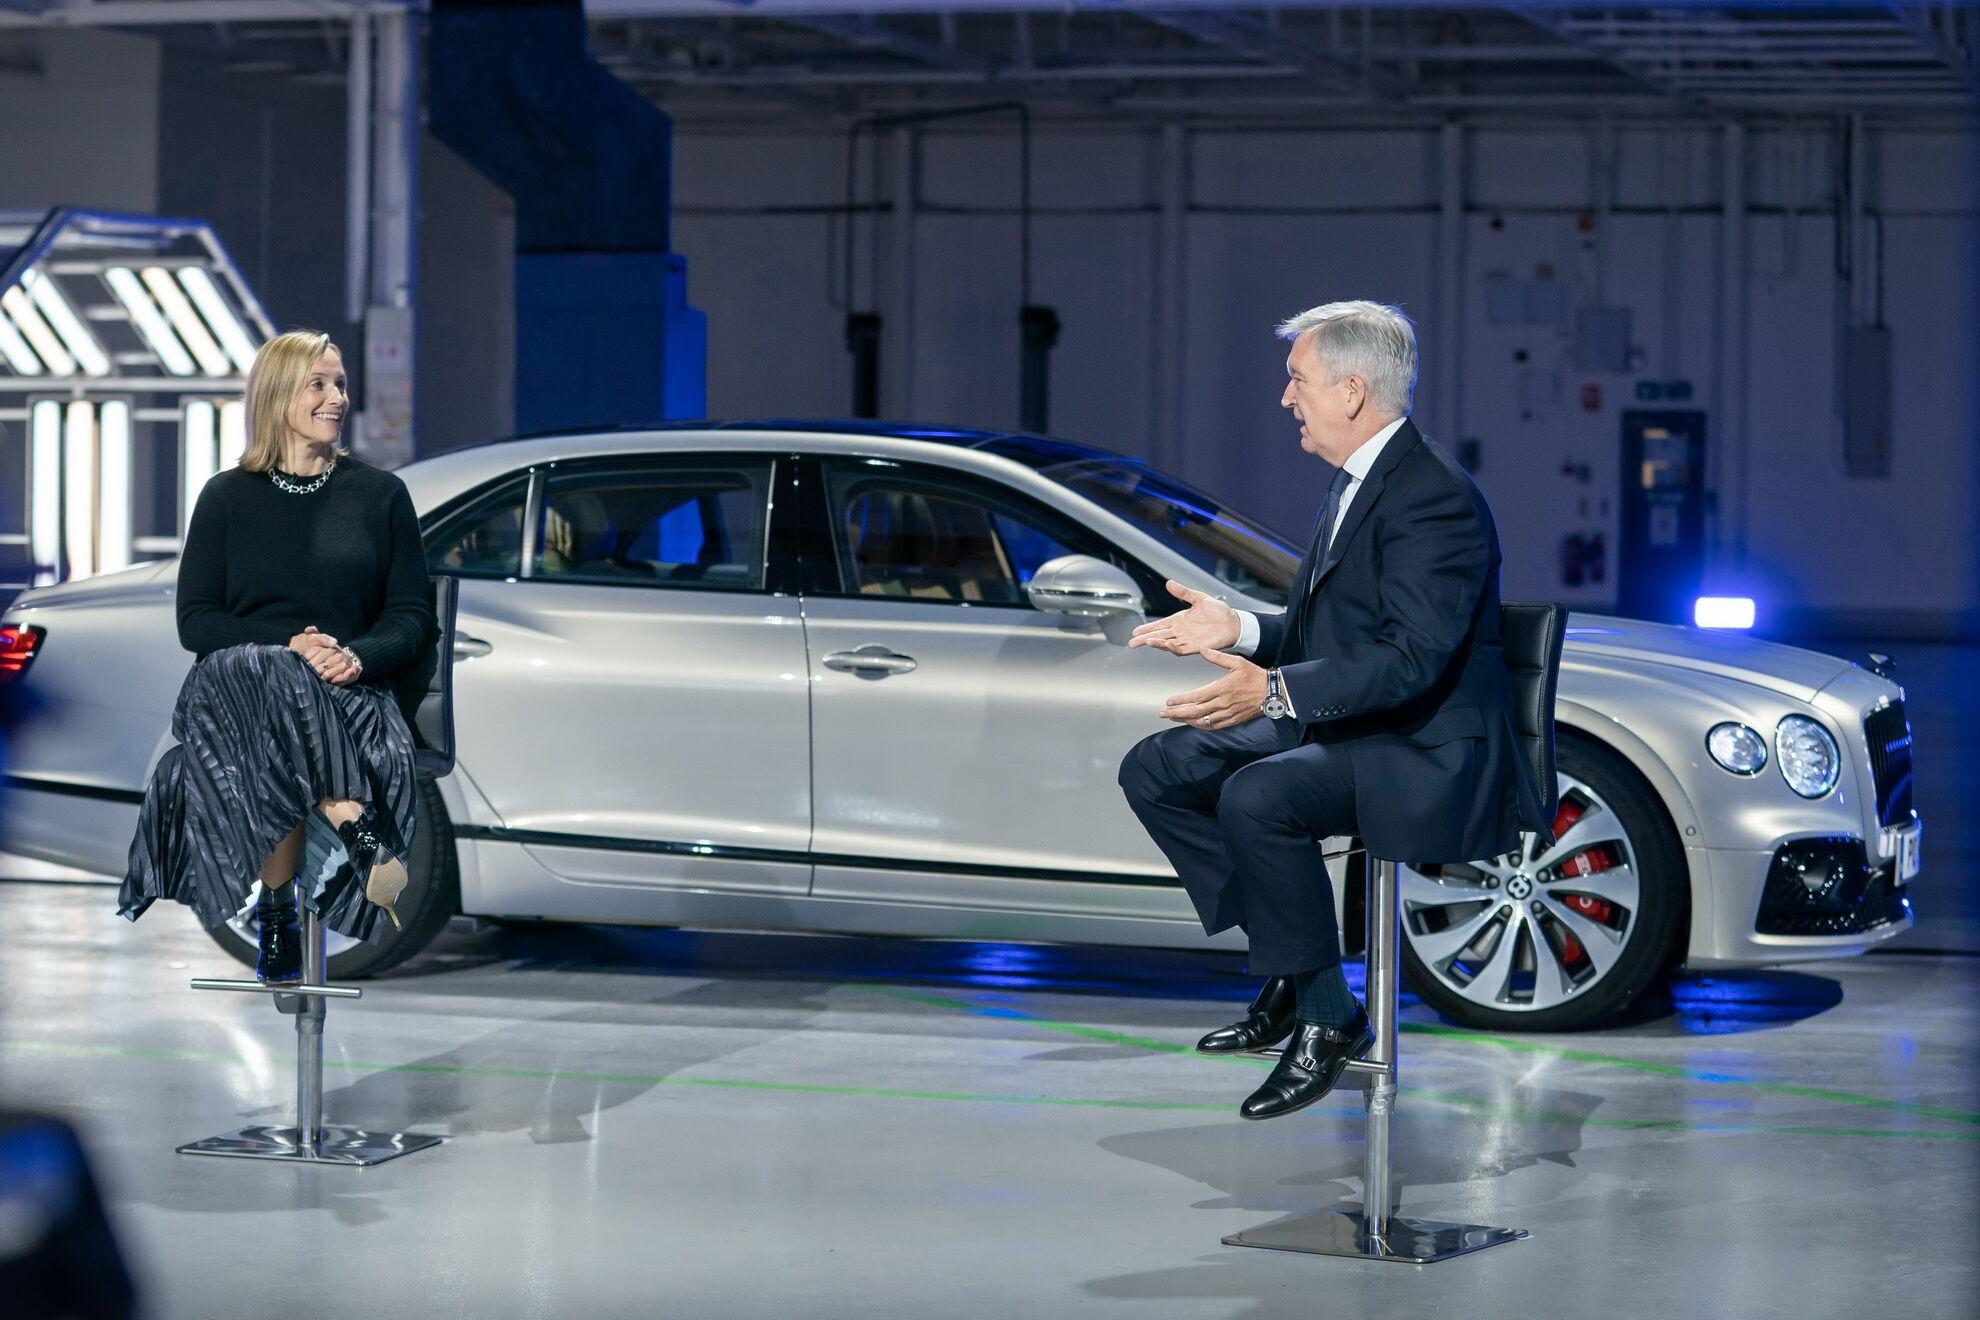 Руководитель Bentley Эдриан Холлмарк пообещал, что к 2026 году все модели компании будут гибридами или полностью электрическими